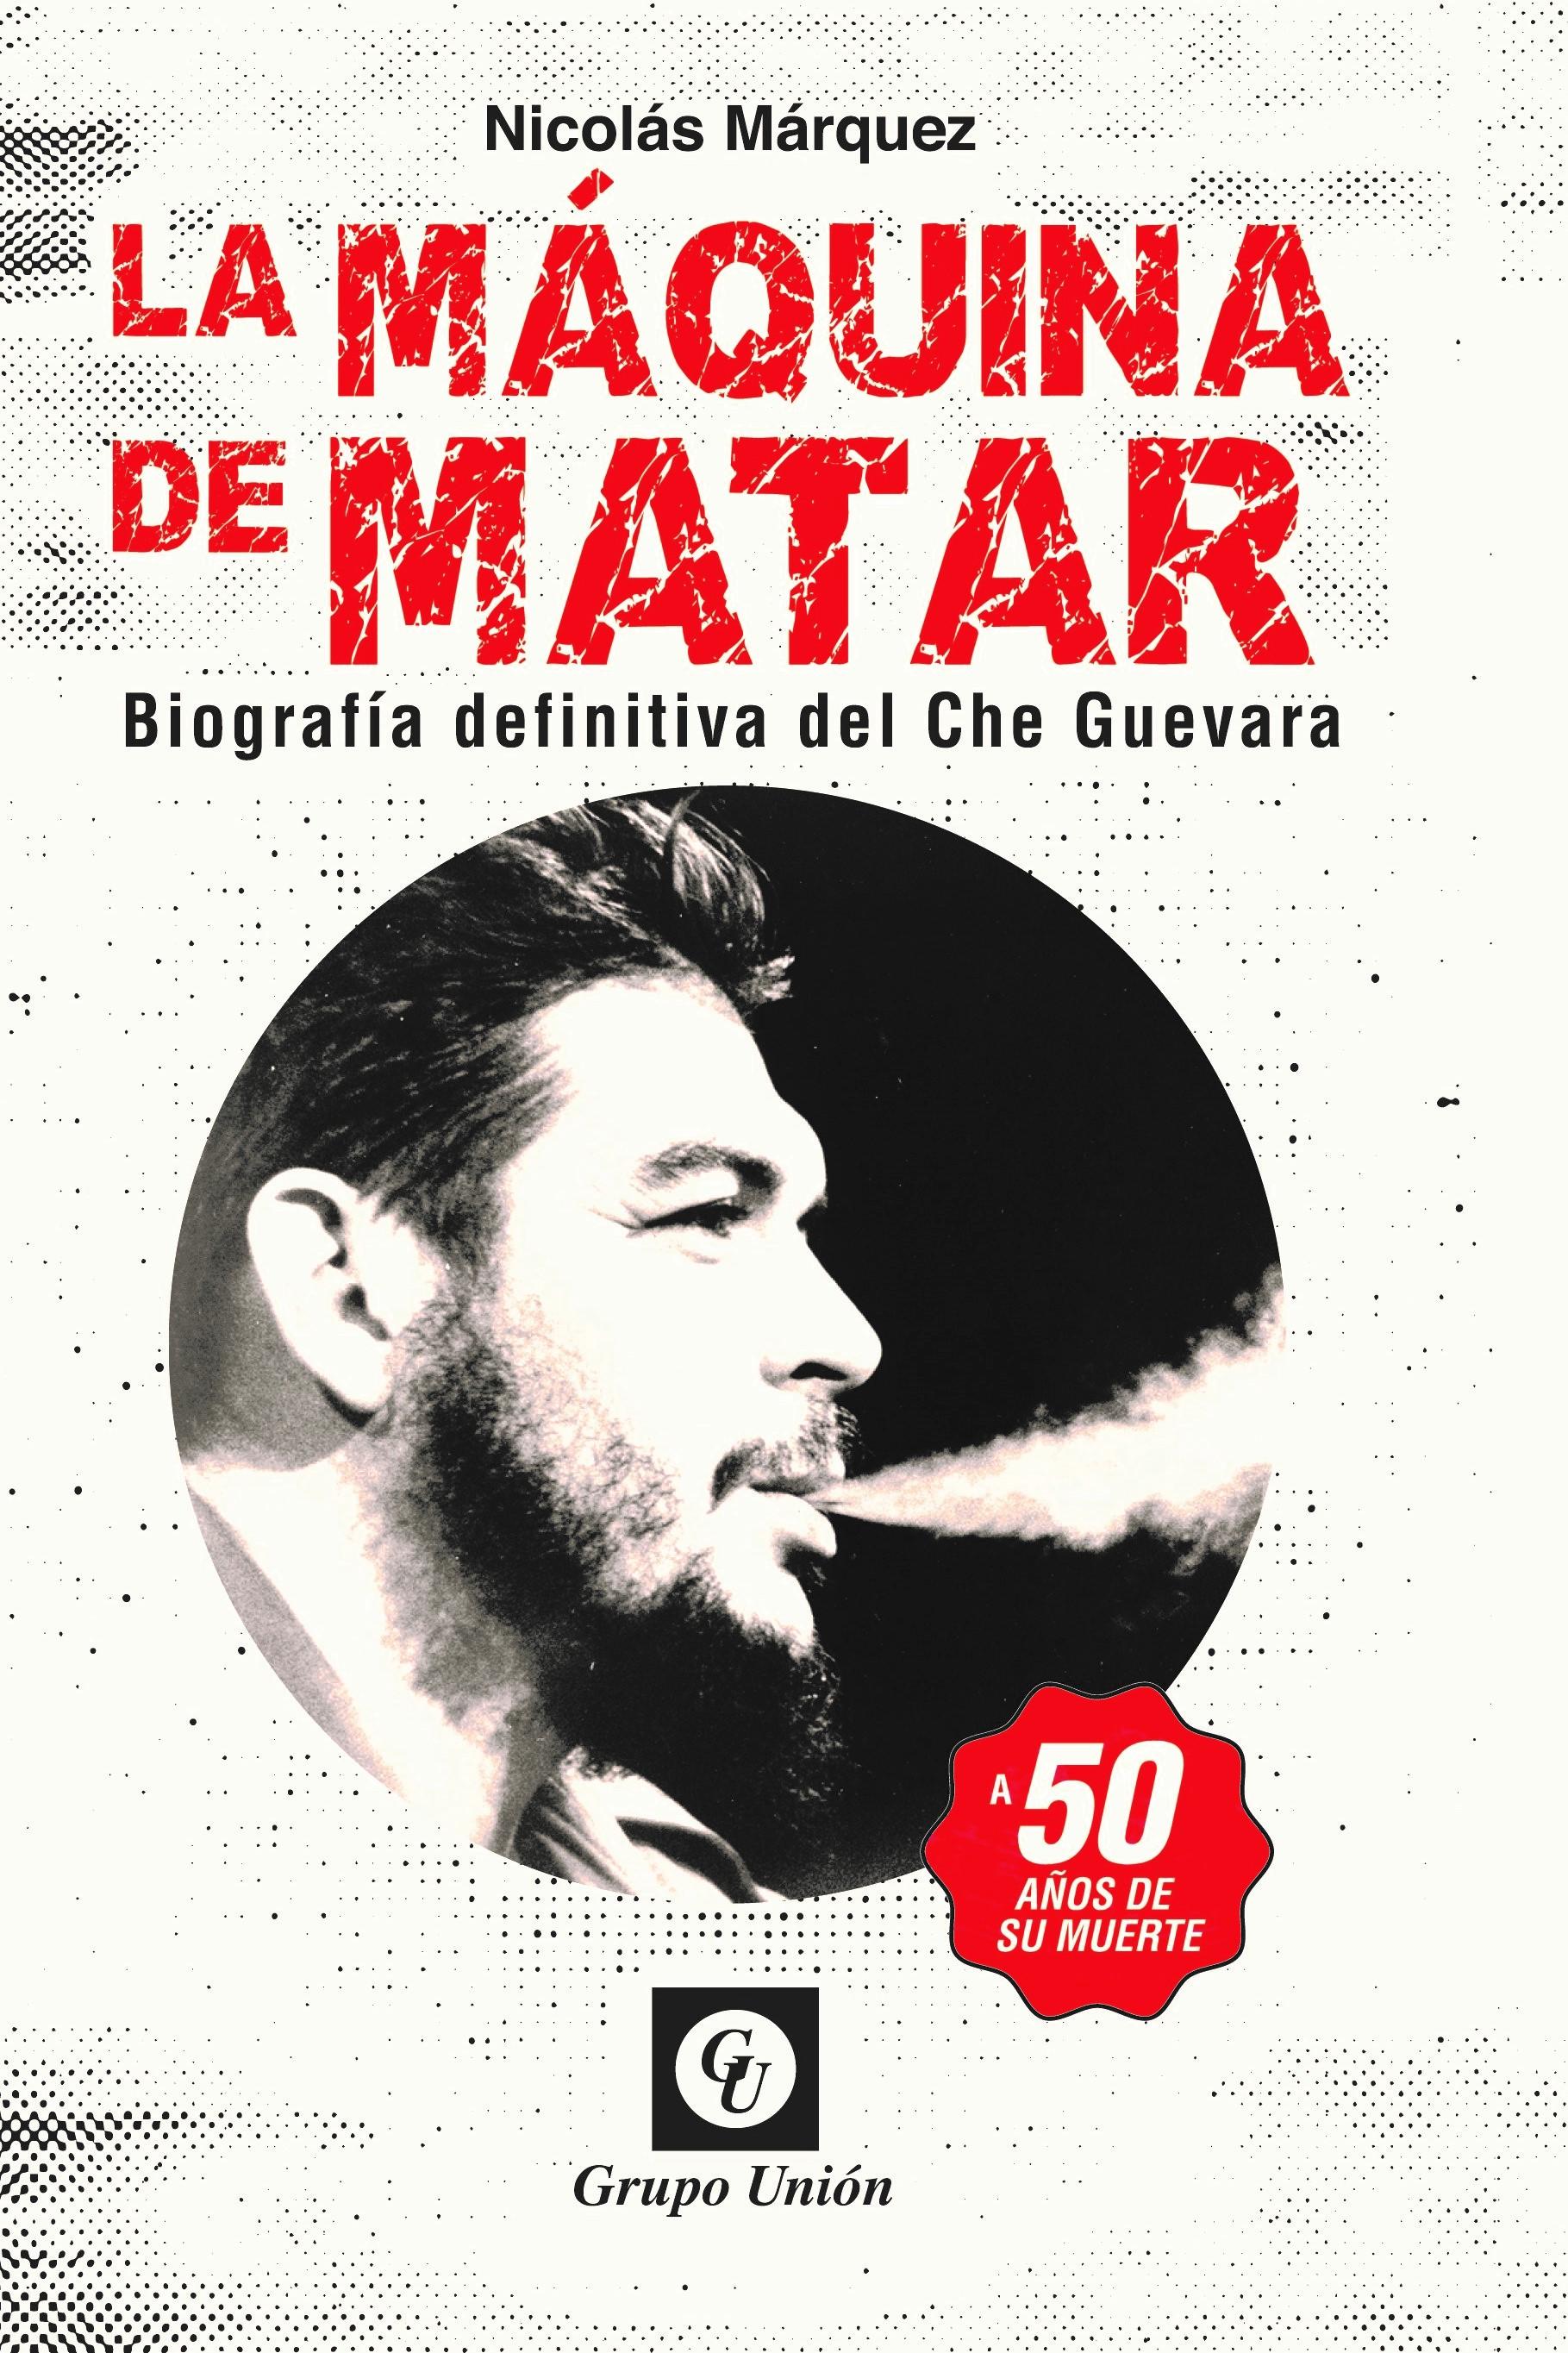 La Máquina de Matar: Biografía definitiva del Che Guevara